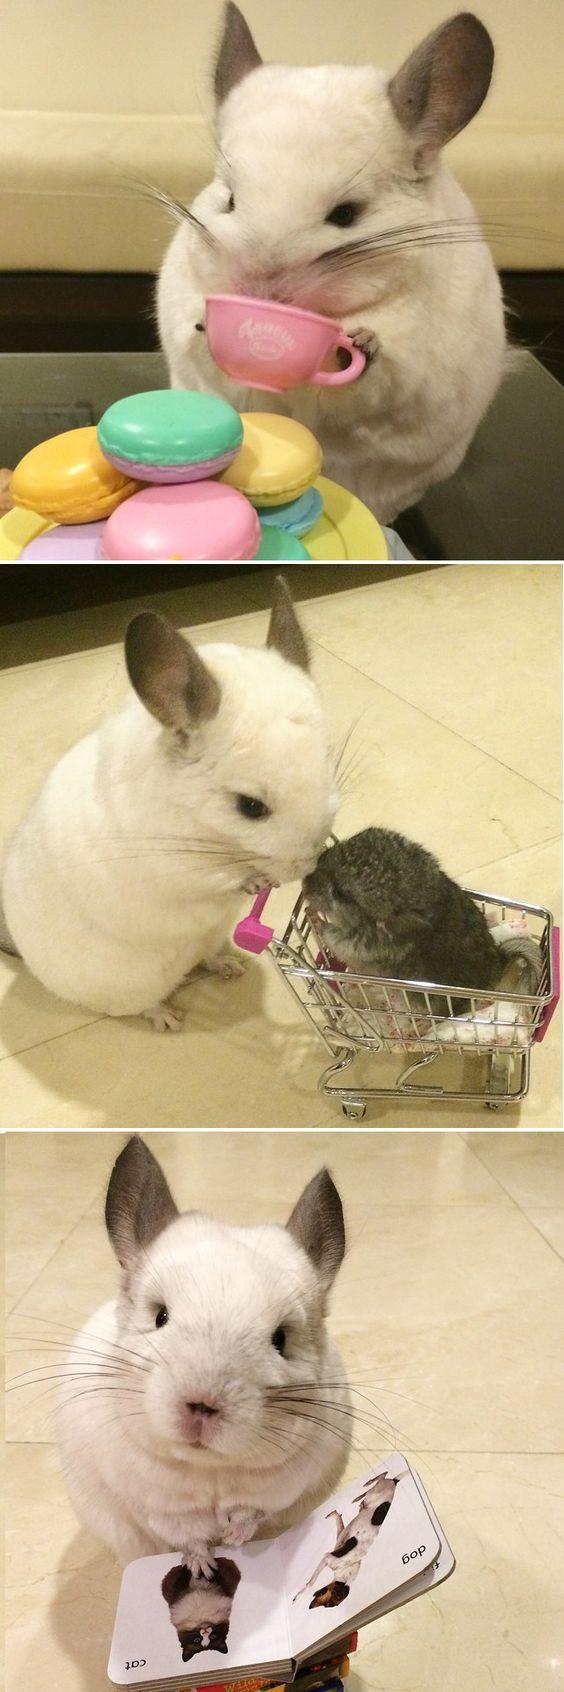 """Por que sabemos que """"Bubu la Chinchilla"""" tiene sus necesidades. Conoce nuestros productos disponibles para CHINCHILLAS y también otros pequeños animales acá http://www.amigales.cl/pequenos-animales/chinchillas.html  #chinchillas #mascotas #amigales #tiendaMascotas"""